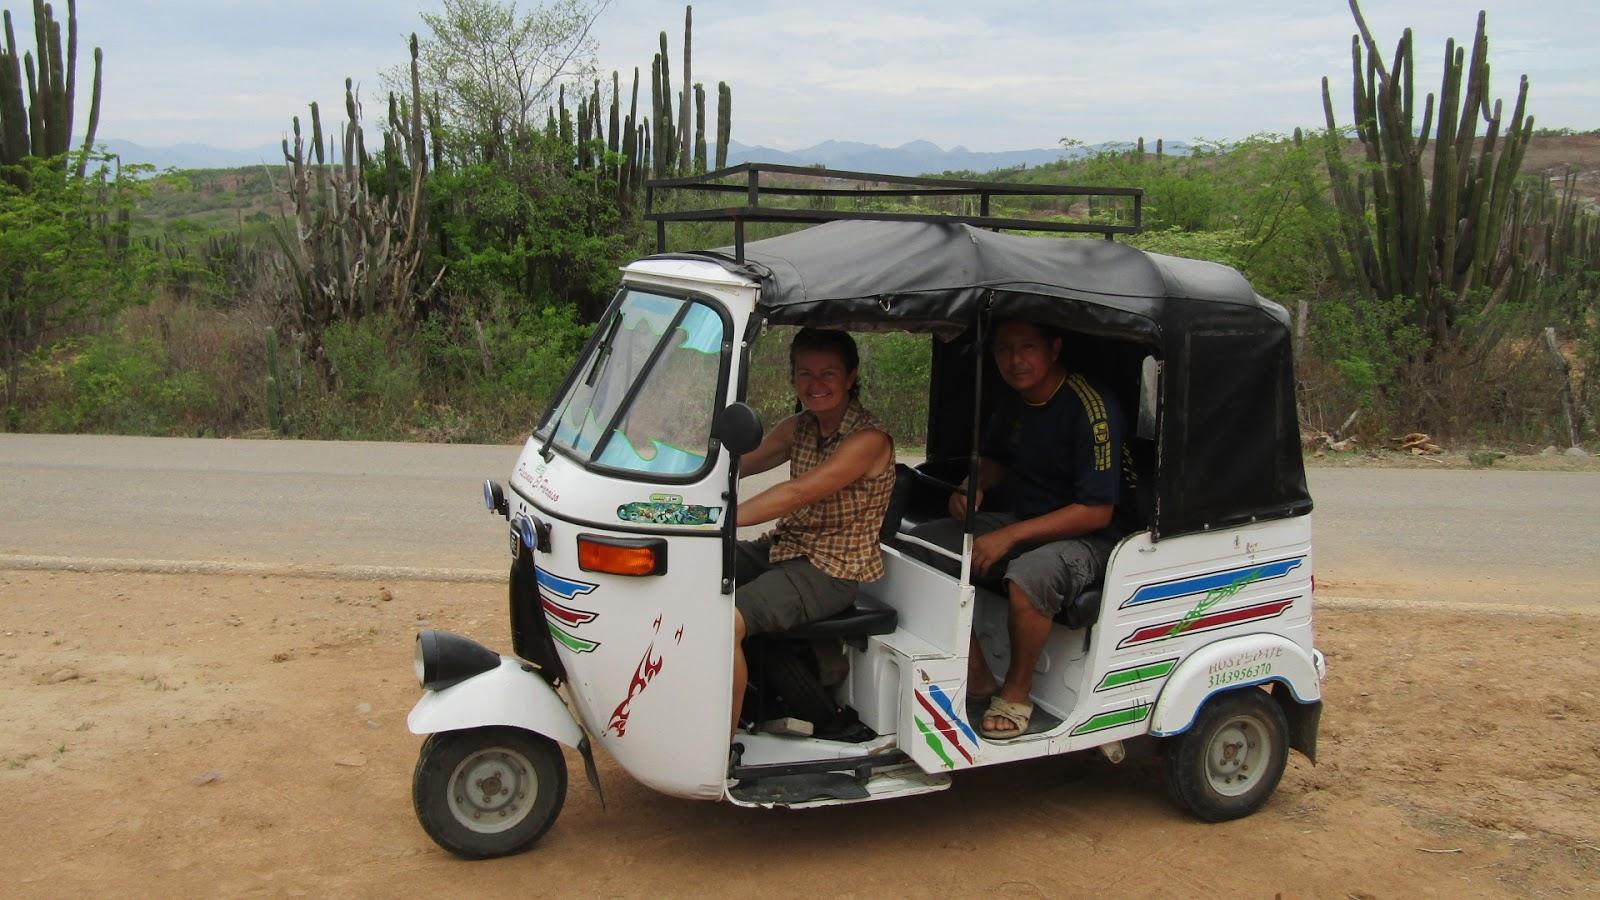 3 wheel taxi